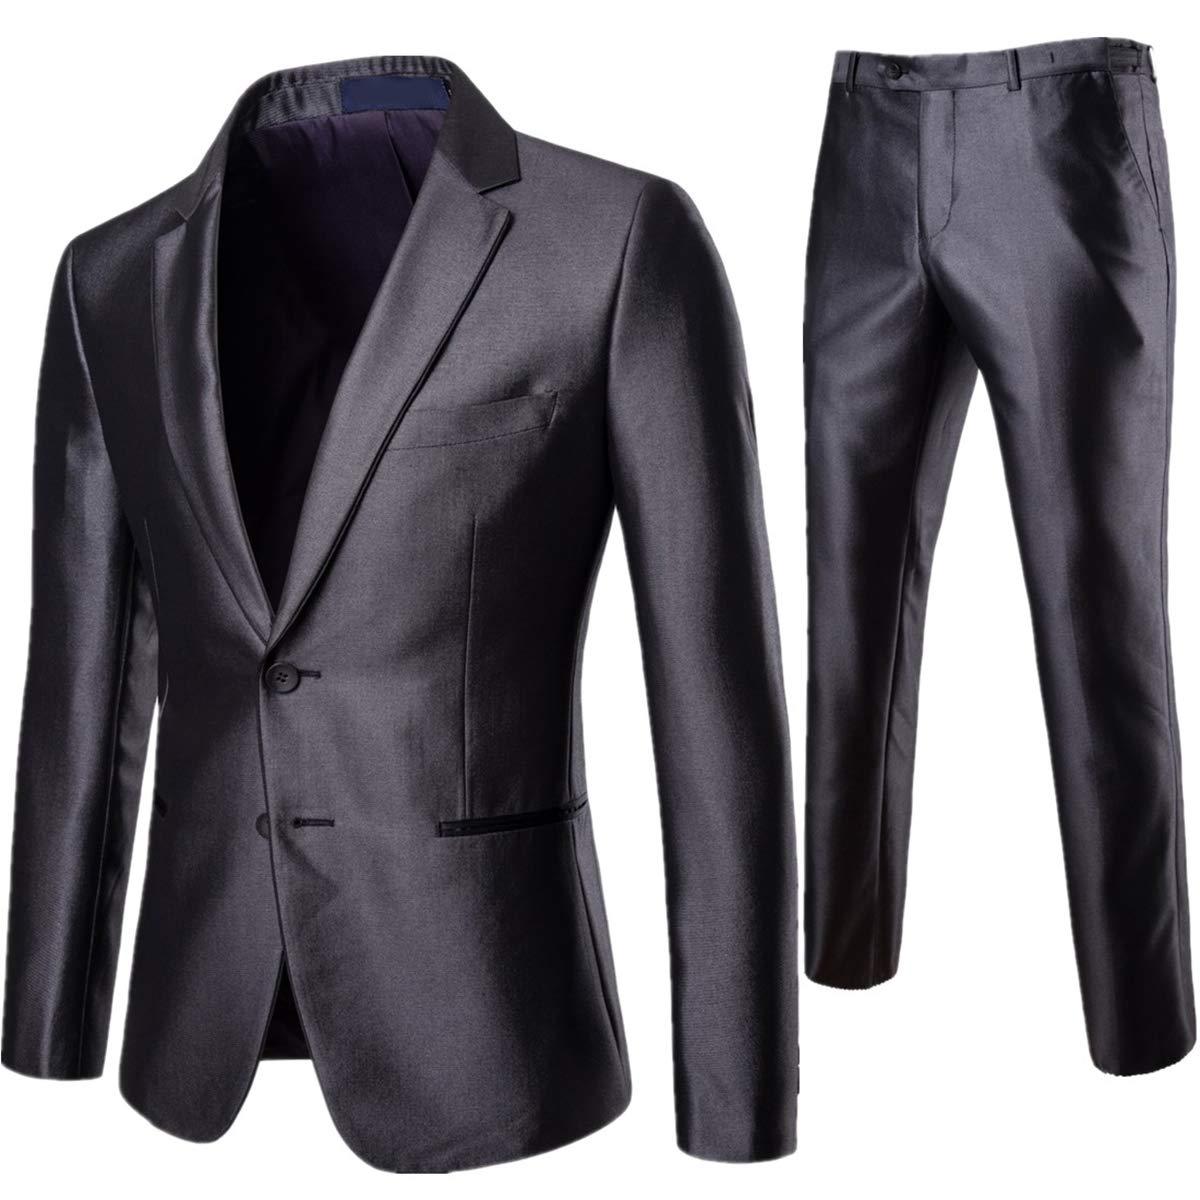 AOWOFS Herren Slim Fit Anzug 2 Teilig Bü gelfrei Herrenanzug Business Hochzeit Sakko Anzughose